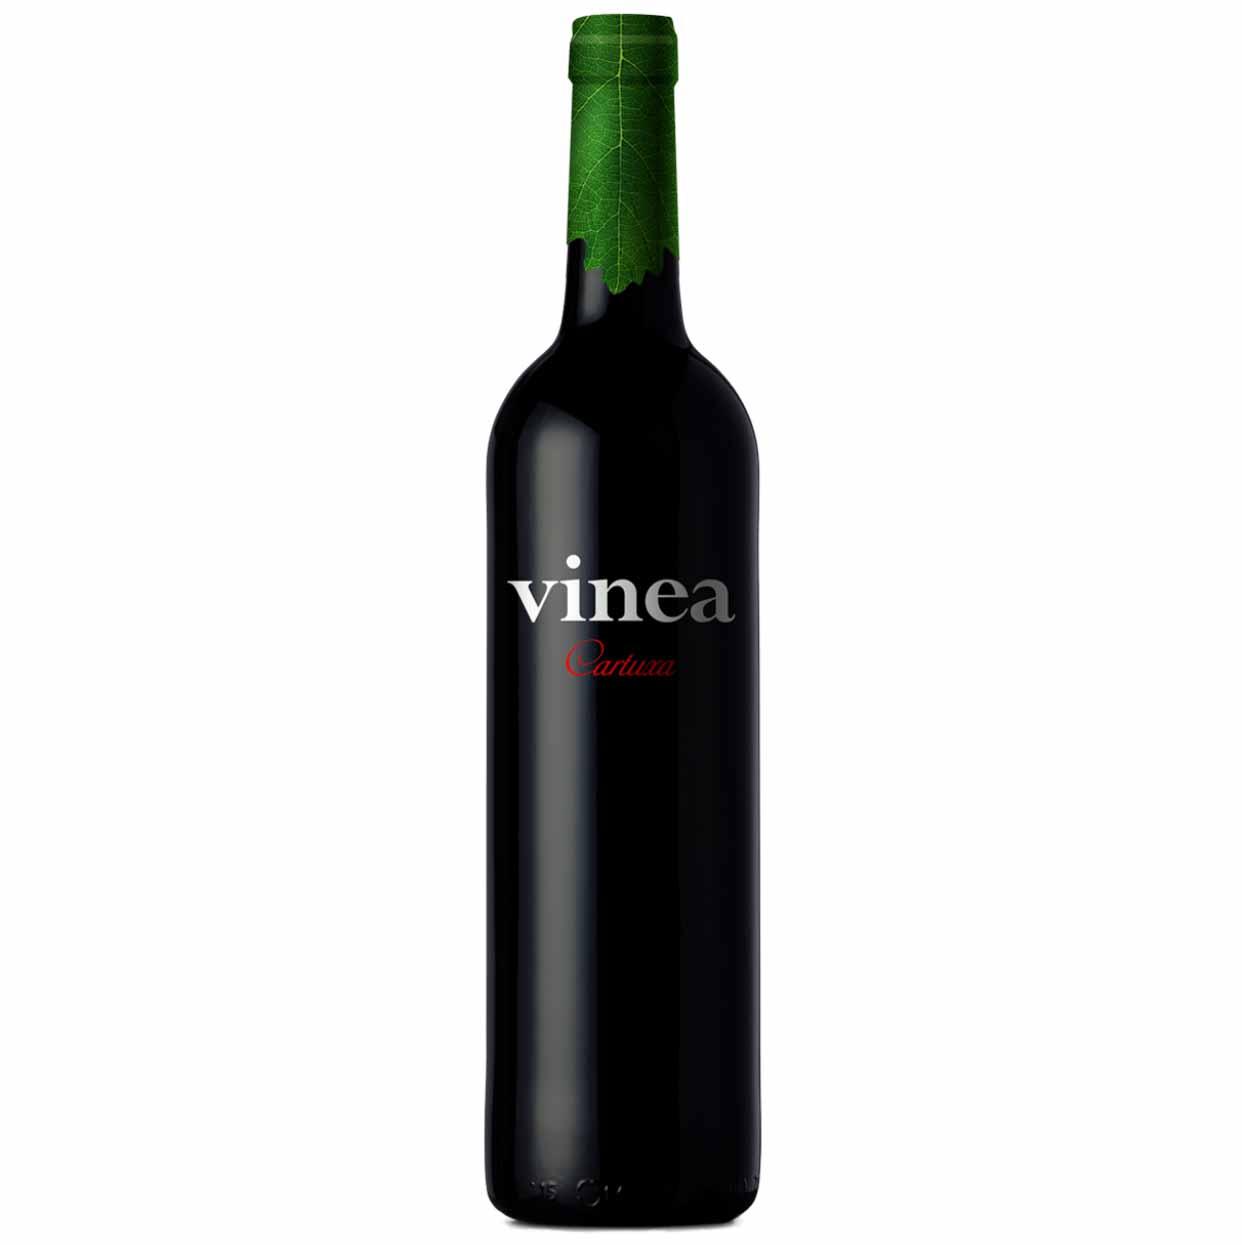 Vinho Tinto Português Vinea Cartuxa Alentejano 750ml